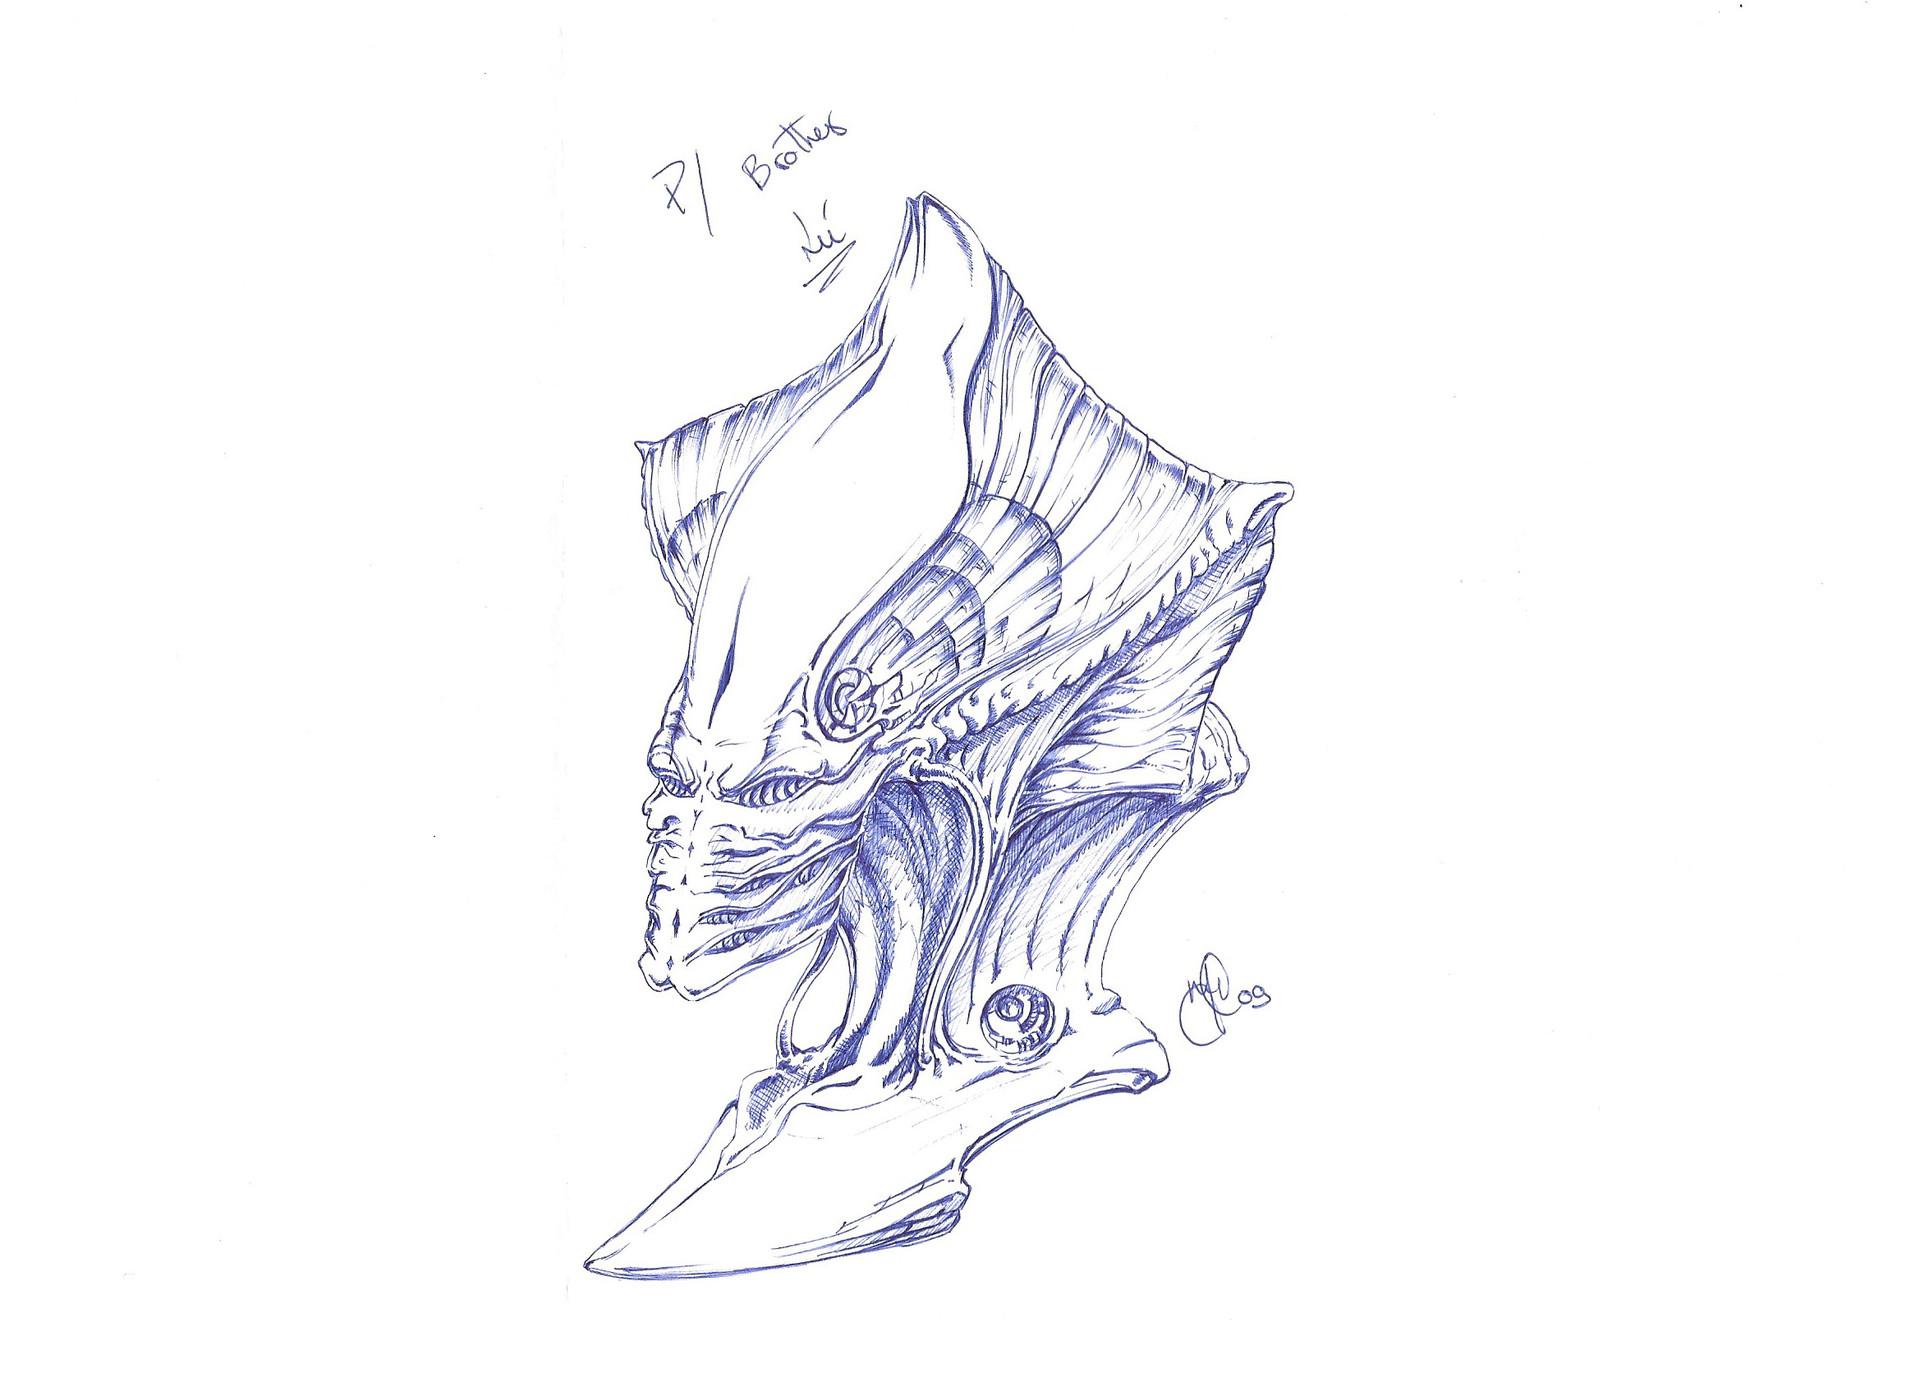 Luis ramos concept1